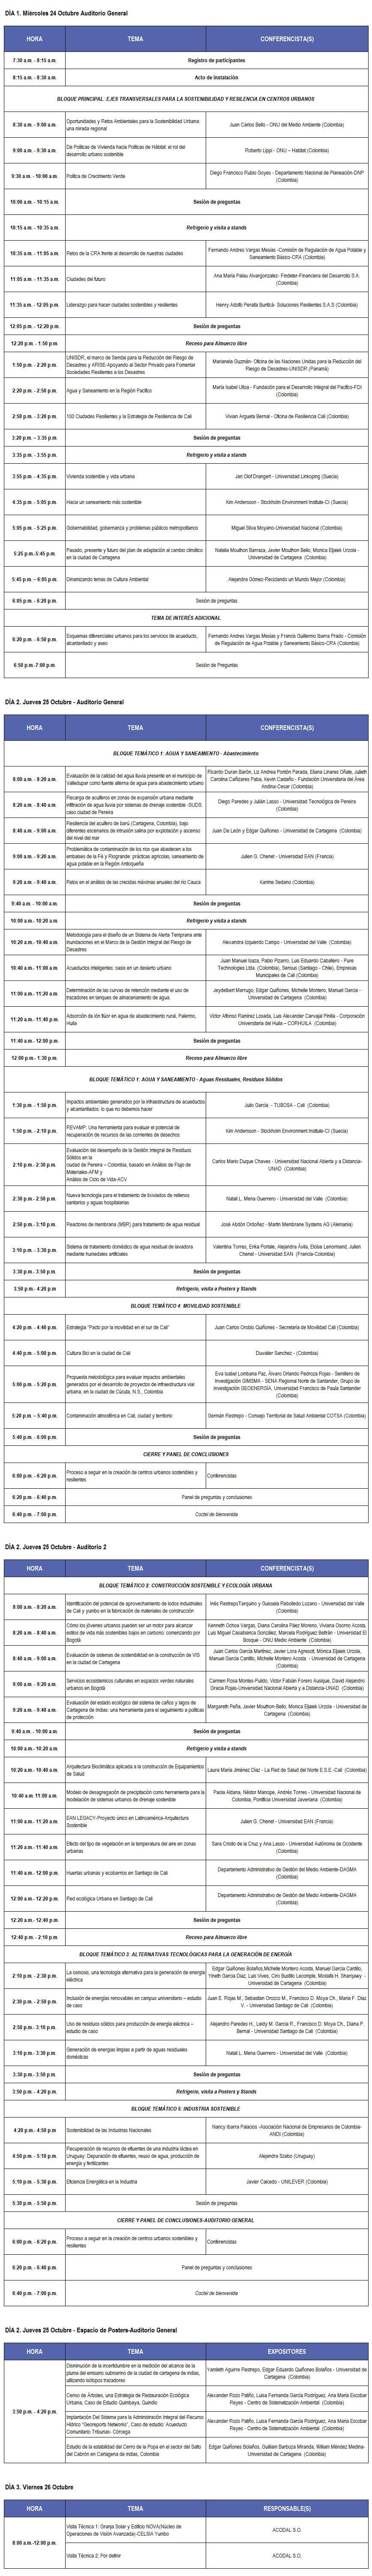 Calendario Completo 2018 Y 2019 Más Actual 2do Seminario Internacional Centros Urbanos sostenible Of Calendario Completo 2018 Y 2019 Más Populares Directory Flyers Promociones